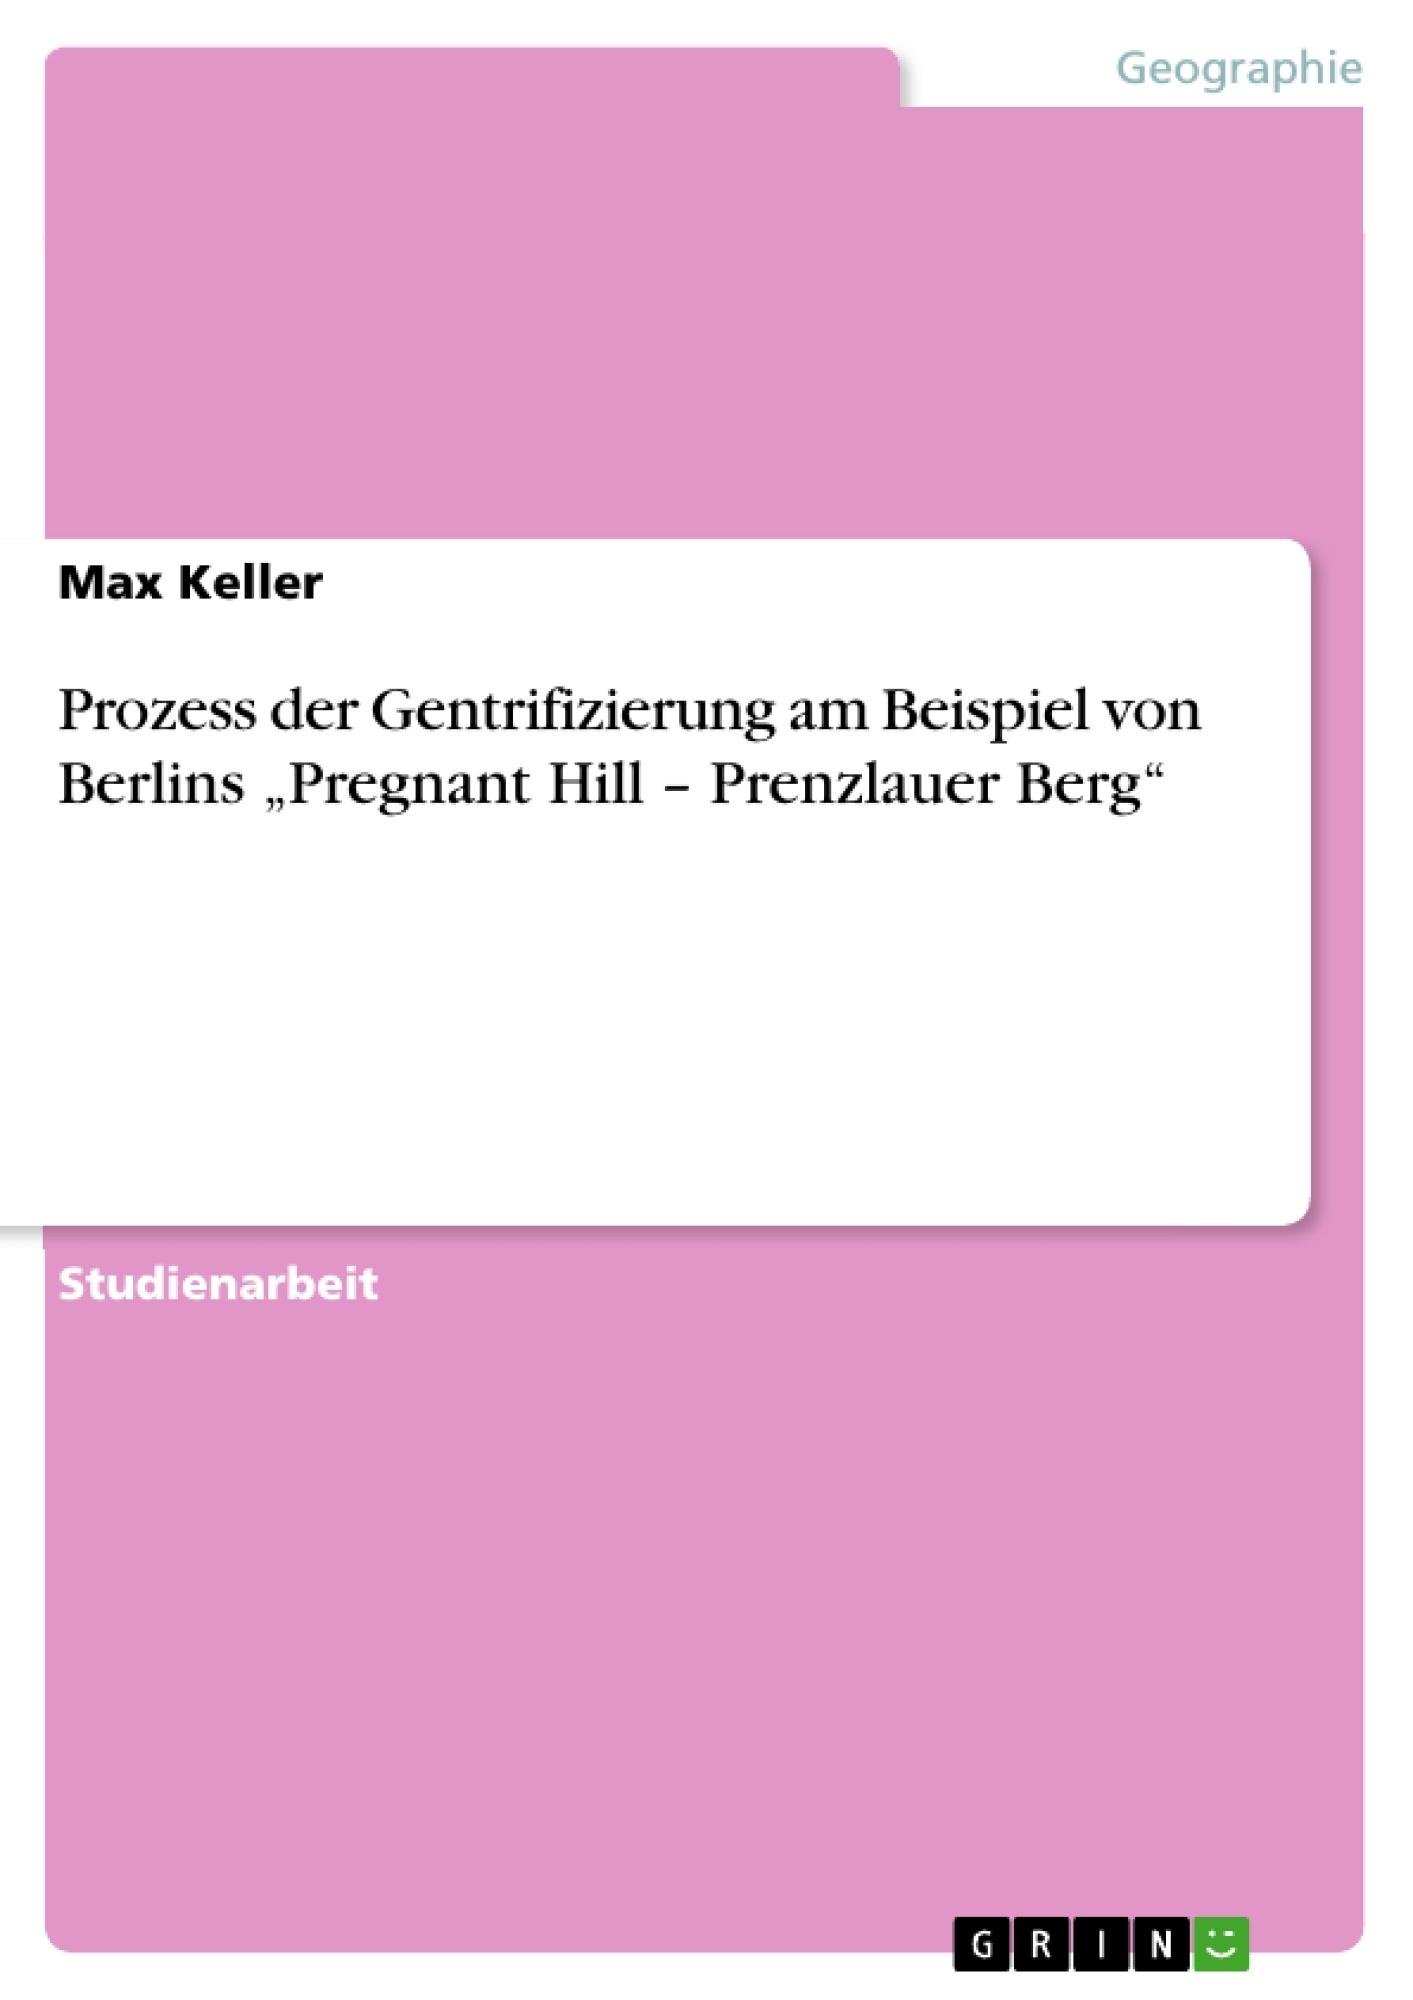 """Titel: Prozess der Gentrifizierung am Beispiel von Berlins """"Pregnant Hill – Prenzlauer Berg"""""""